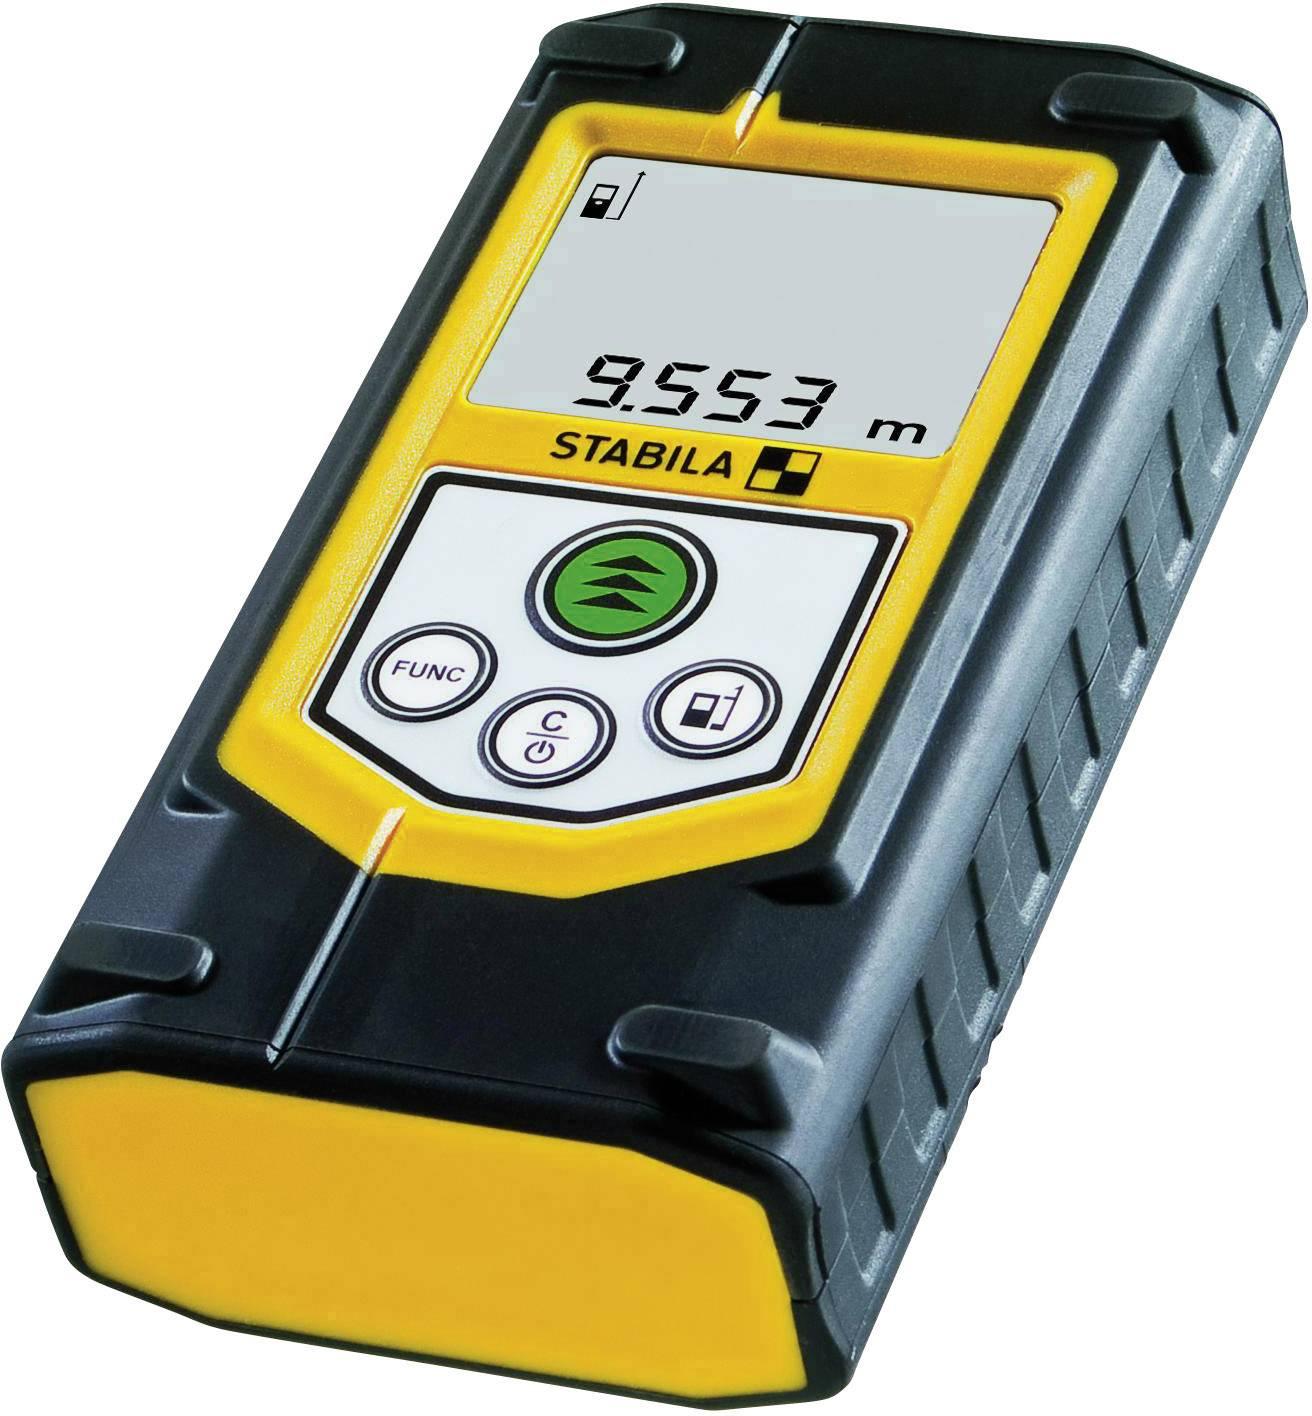 Laserový měřič vzdálenosti Stabila LD320 18379, max. rozsah 60 m